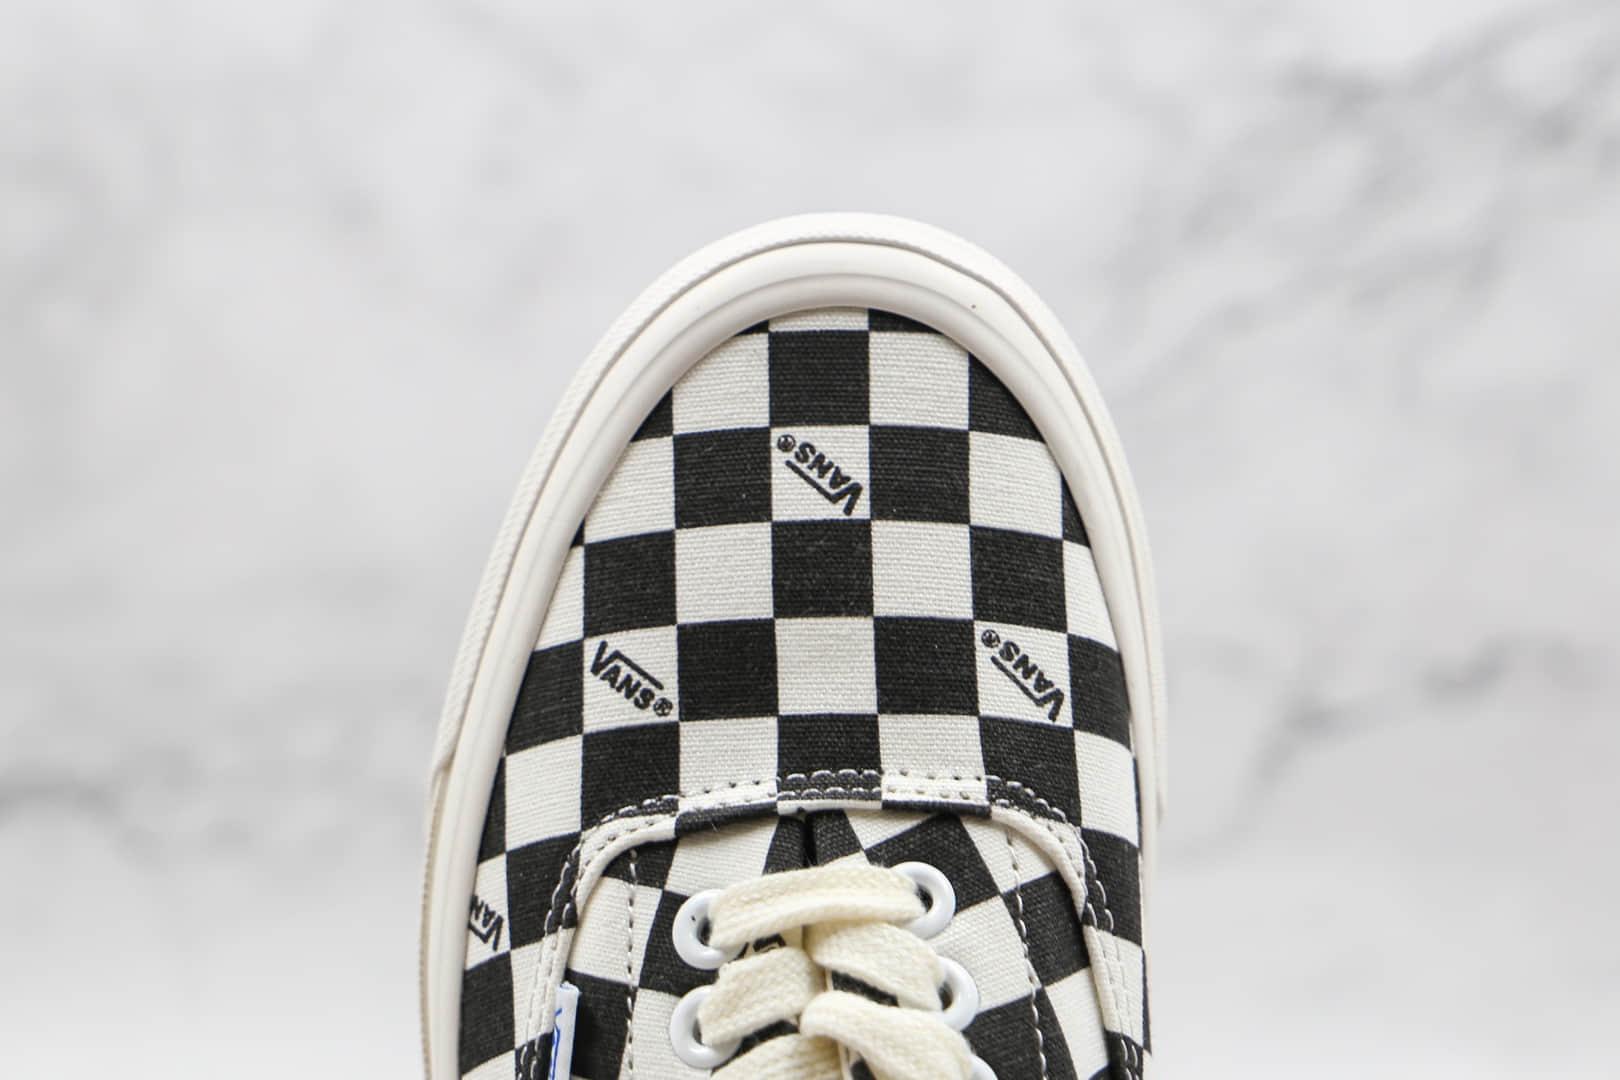 万斯Vans Vaul OG Era LX公司级版本低帮黑色棋盘格硫化帆布鞋原厂硫化大底